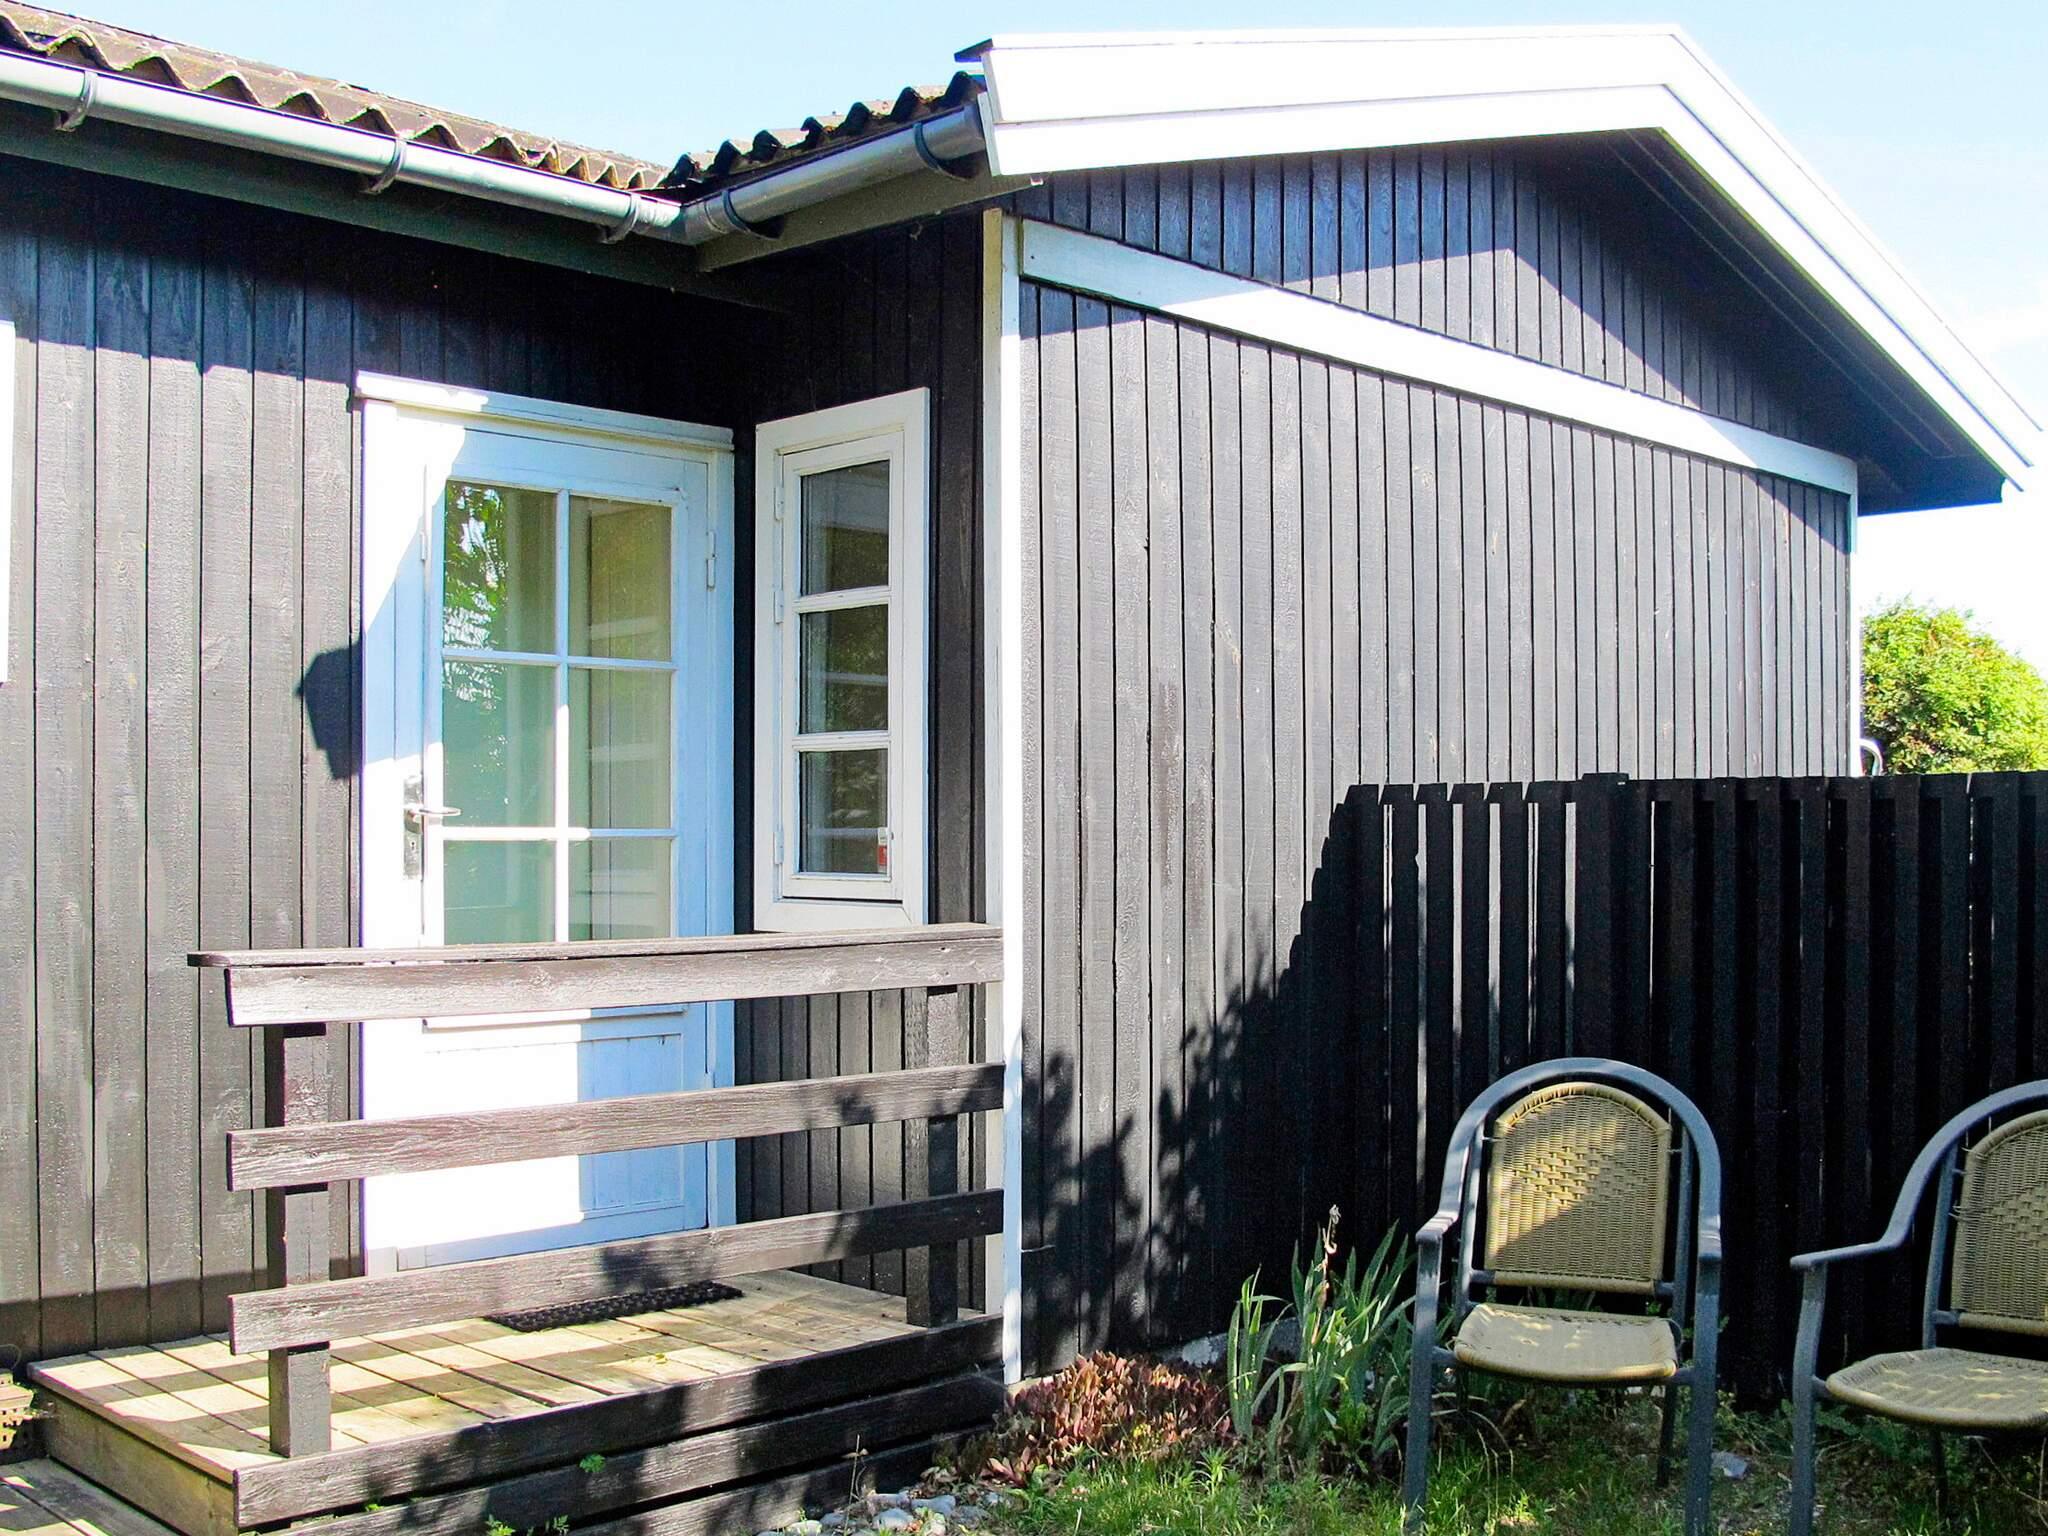 Ferienhaus Ulvshale (238287), Stege, , Møn, Dänemark, Bild 16